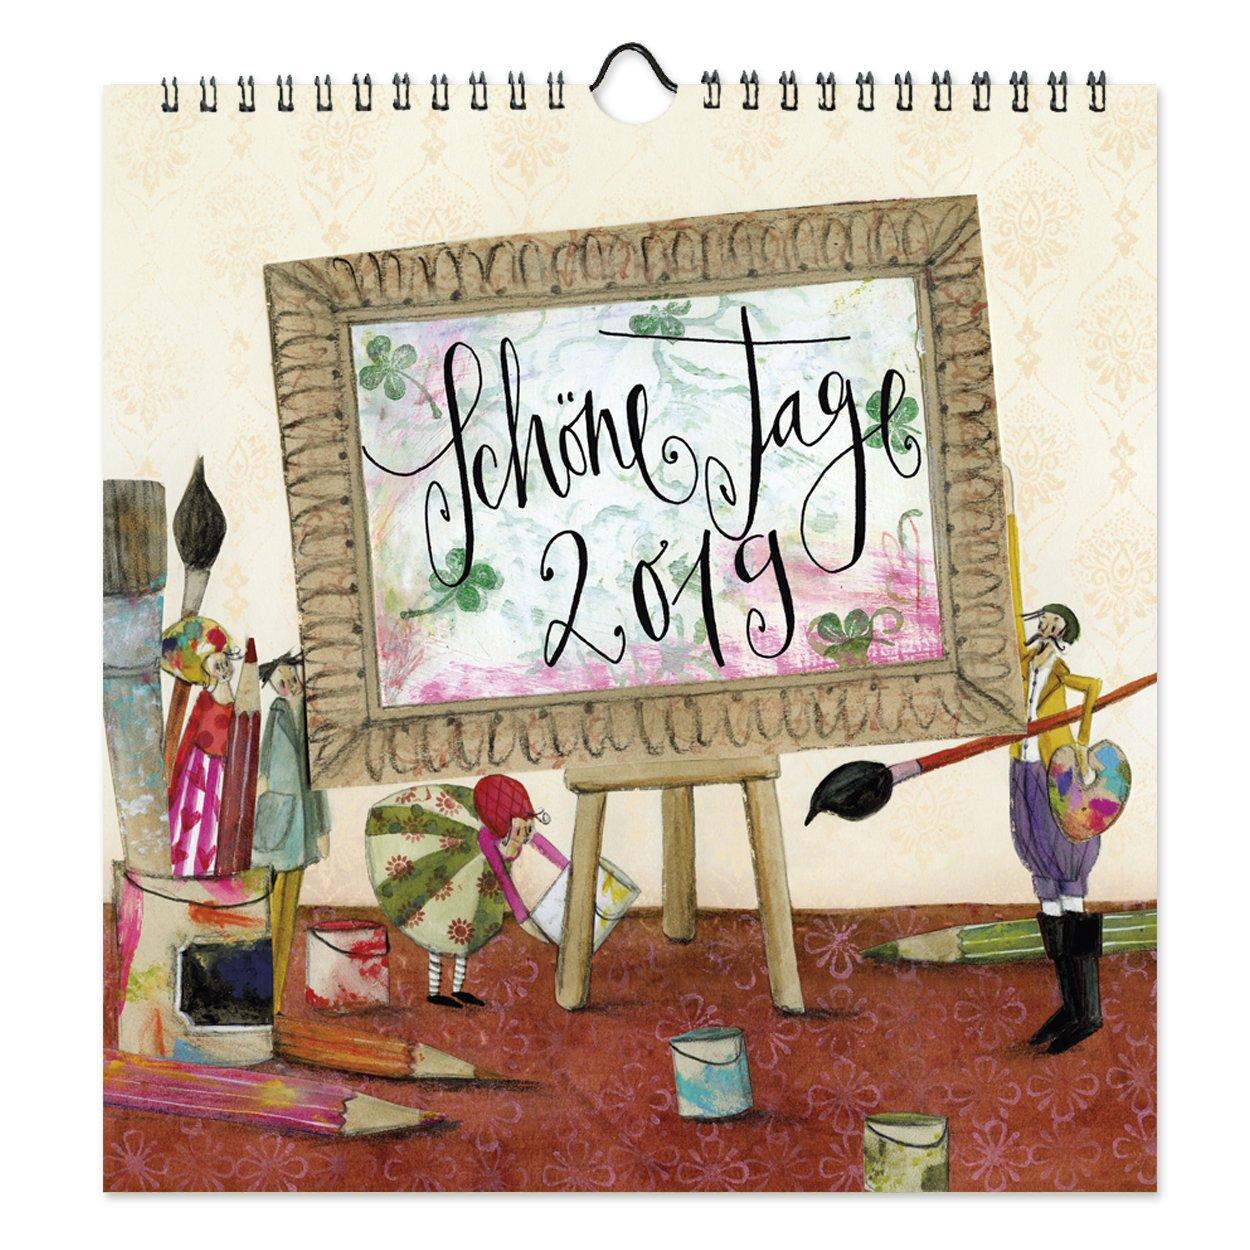 Kalender 2019 'Schöne Tage', Silke Leffler, Grätz Verlag Kalender – 1. Juni 2018 Grätz Verlag 3946861261 Kalender / Zeitplansysteme Zeitplansysteme / Kalender